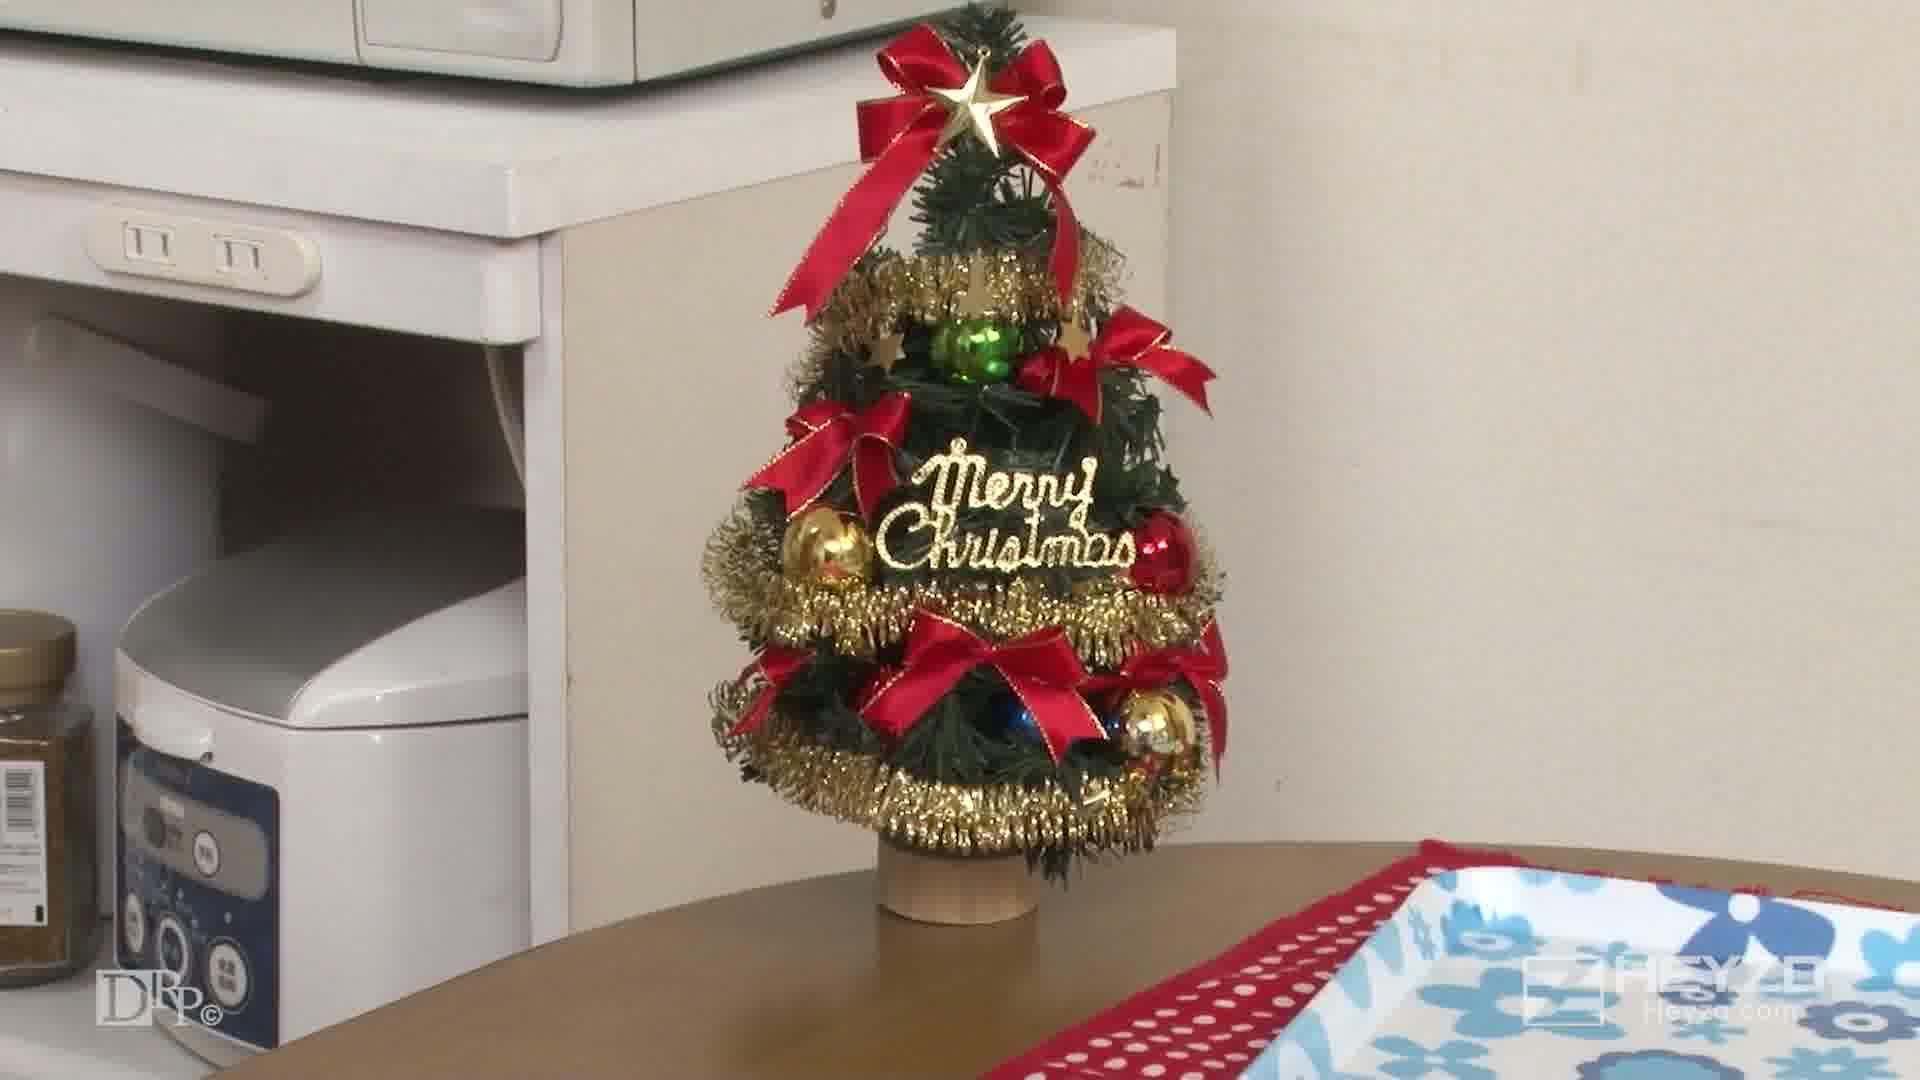 性夜のクリスマスに舞い降りたサンタガール - まりか【料理 フェラ抜き サンタ服 バイブ】